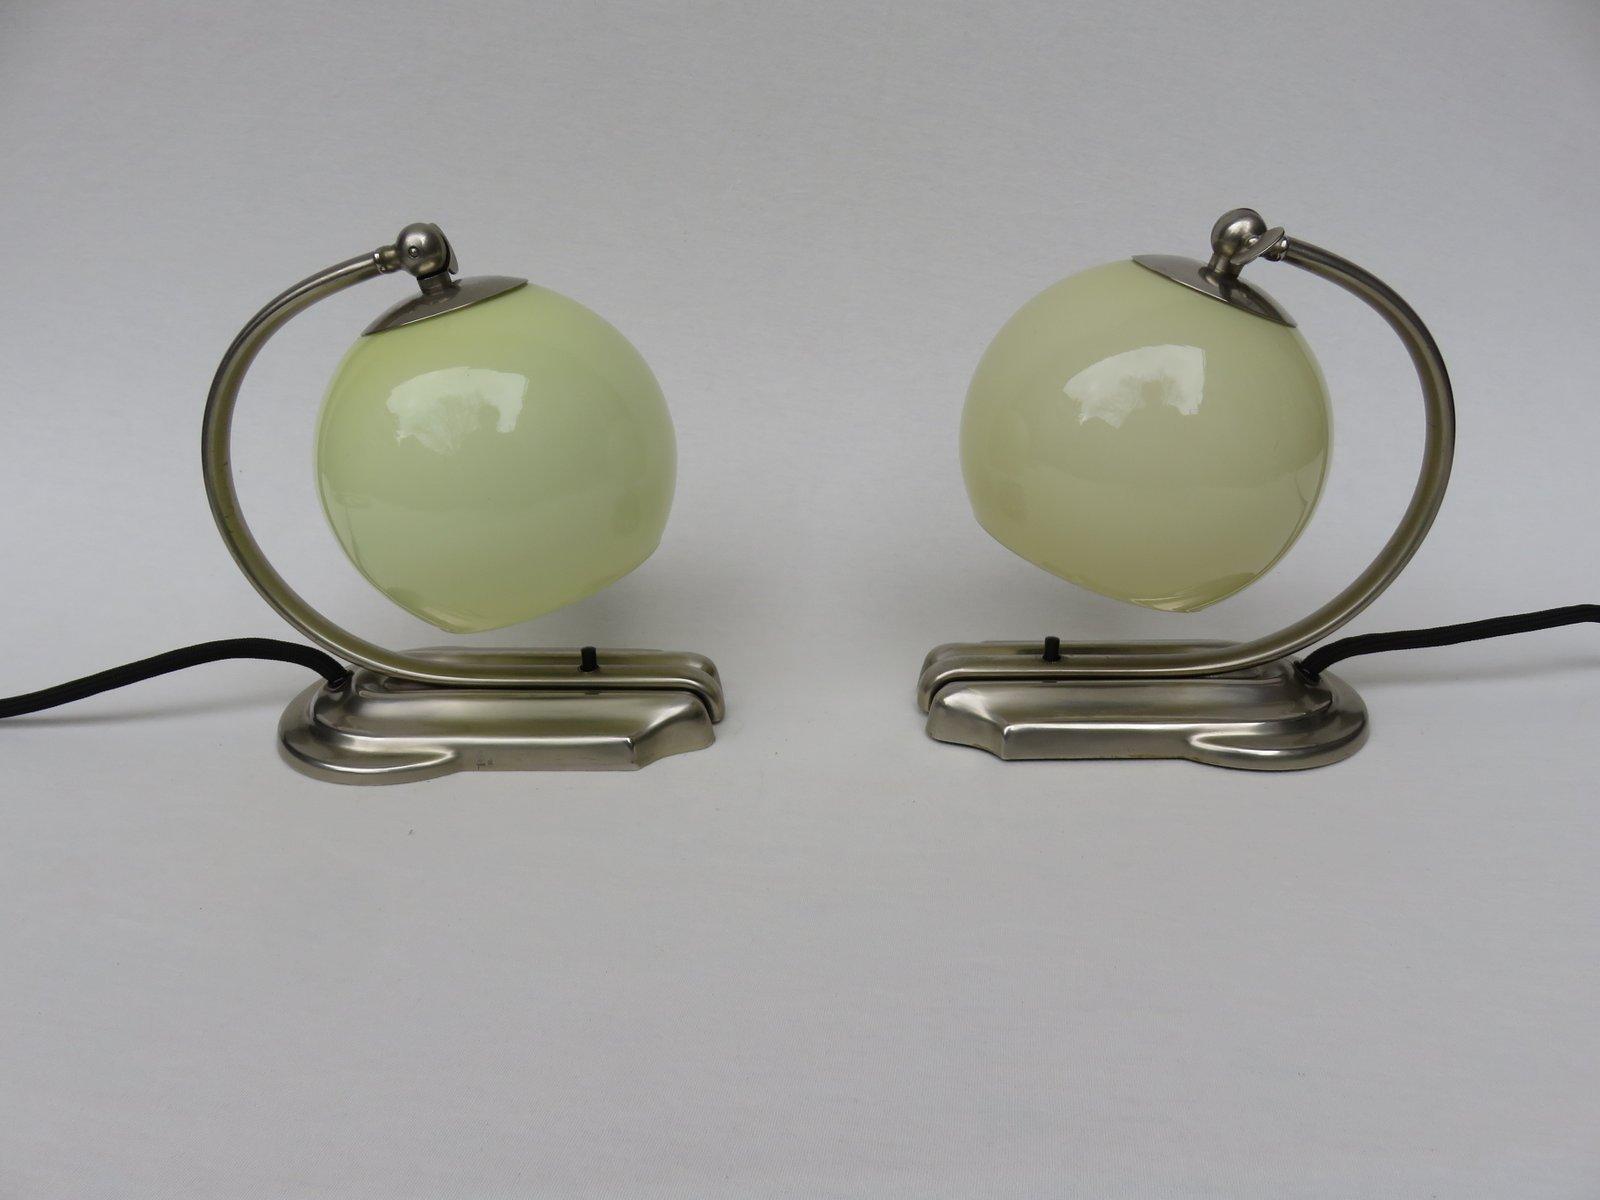 Art Deco Tischlampen von WMF Geislingen, 2er Set